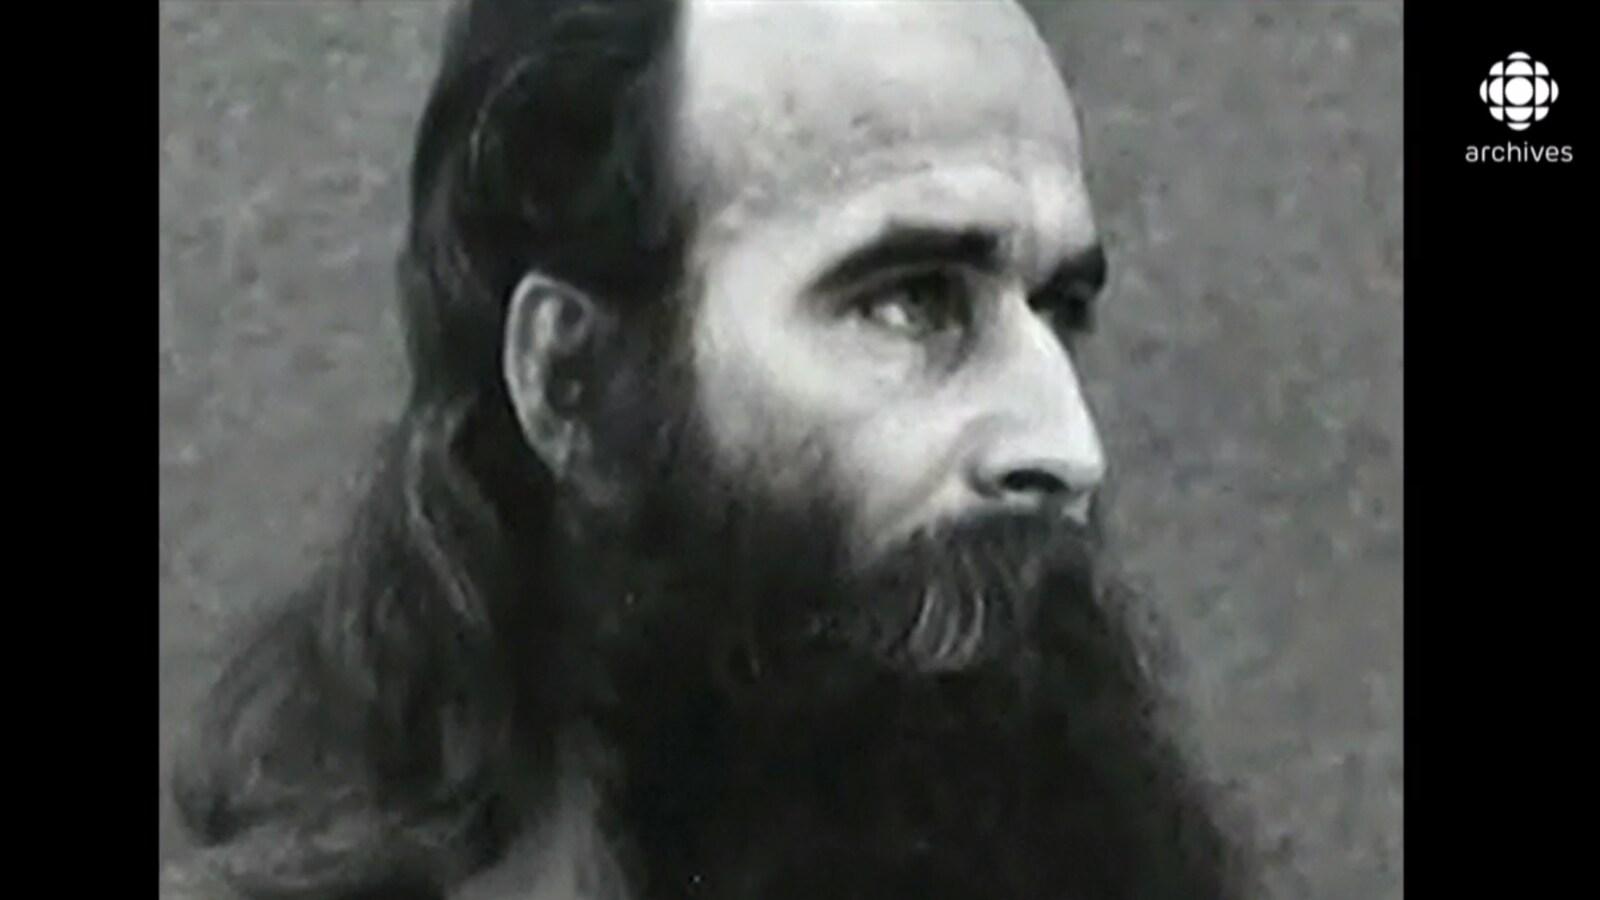 Photo du gourou à la barbe très longue.